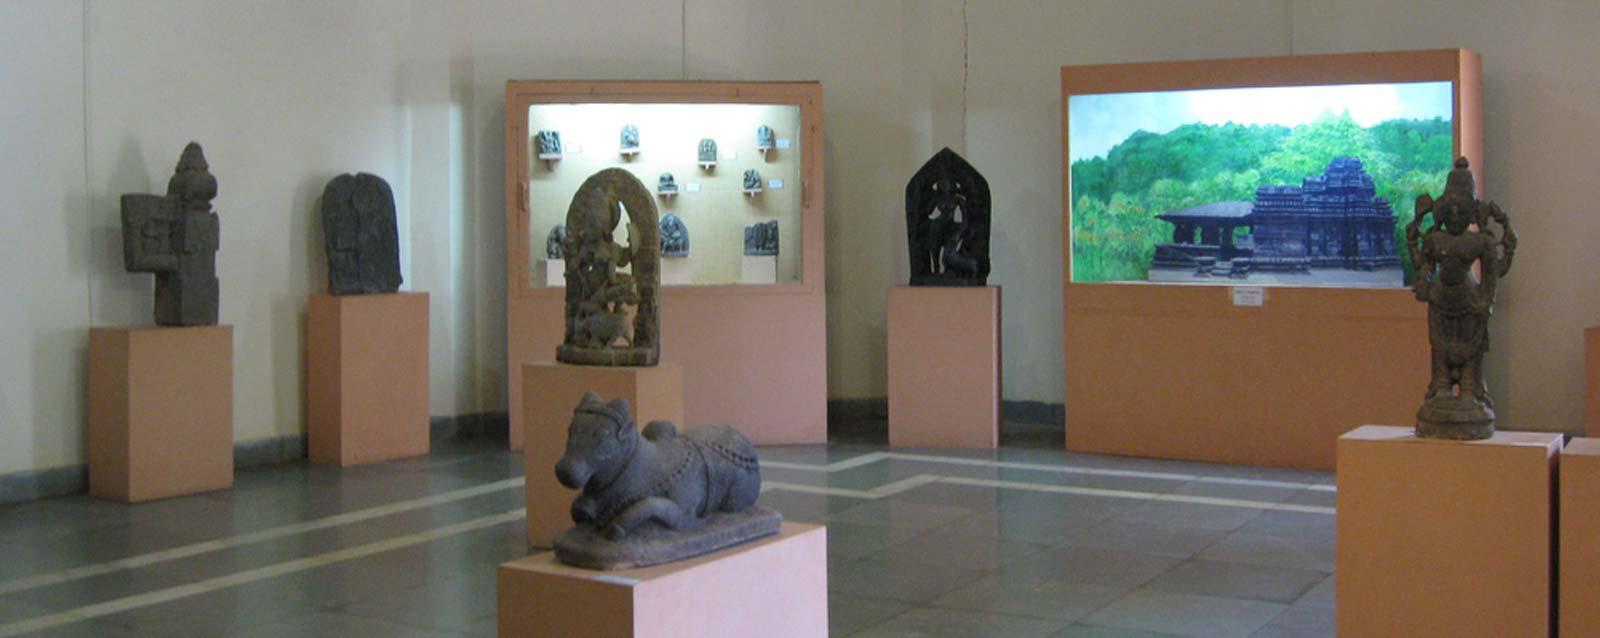 राज्य पुरातन वस्तुसंग्रहालय, पणजी